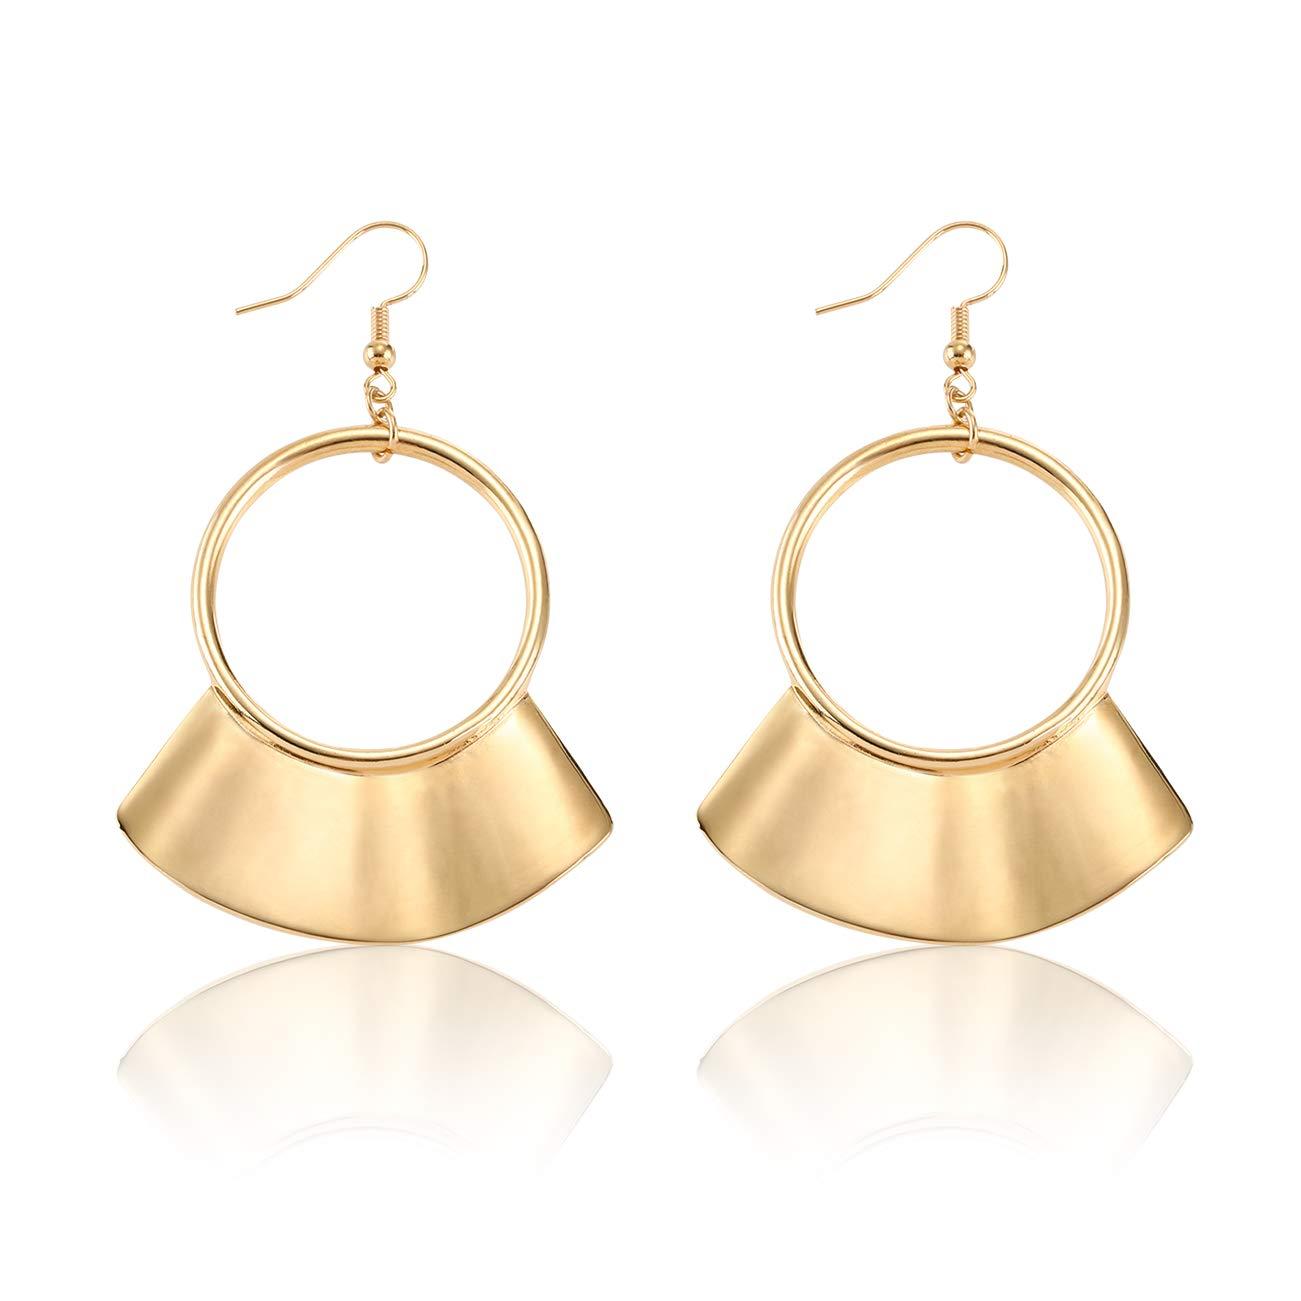 Shield Paddle Earring Lightweight Wave Fringe Hoop Earrings Statement Earrings Boho Costume Jewelry